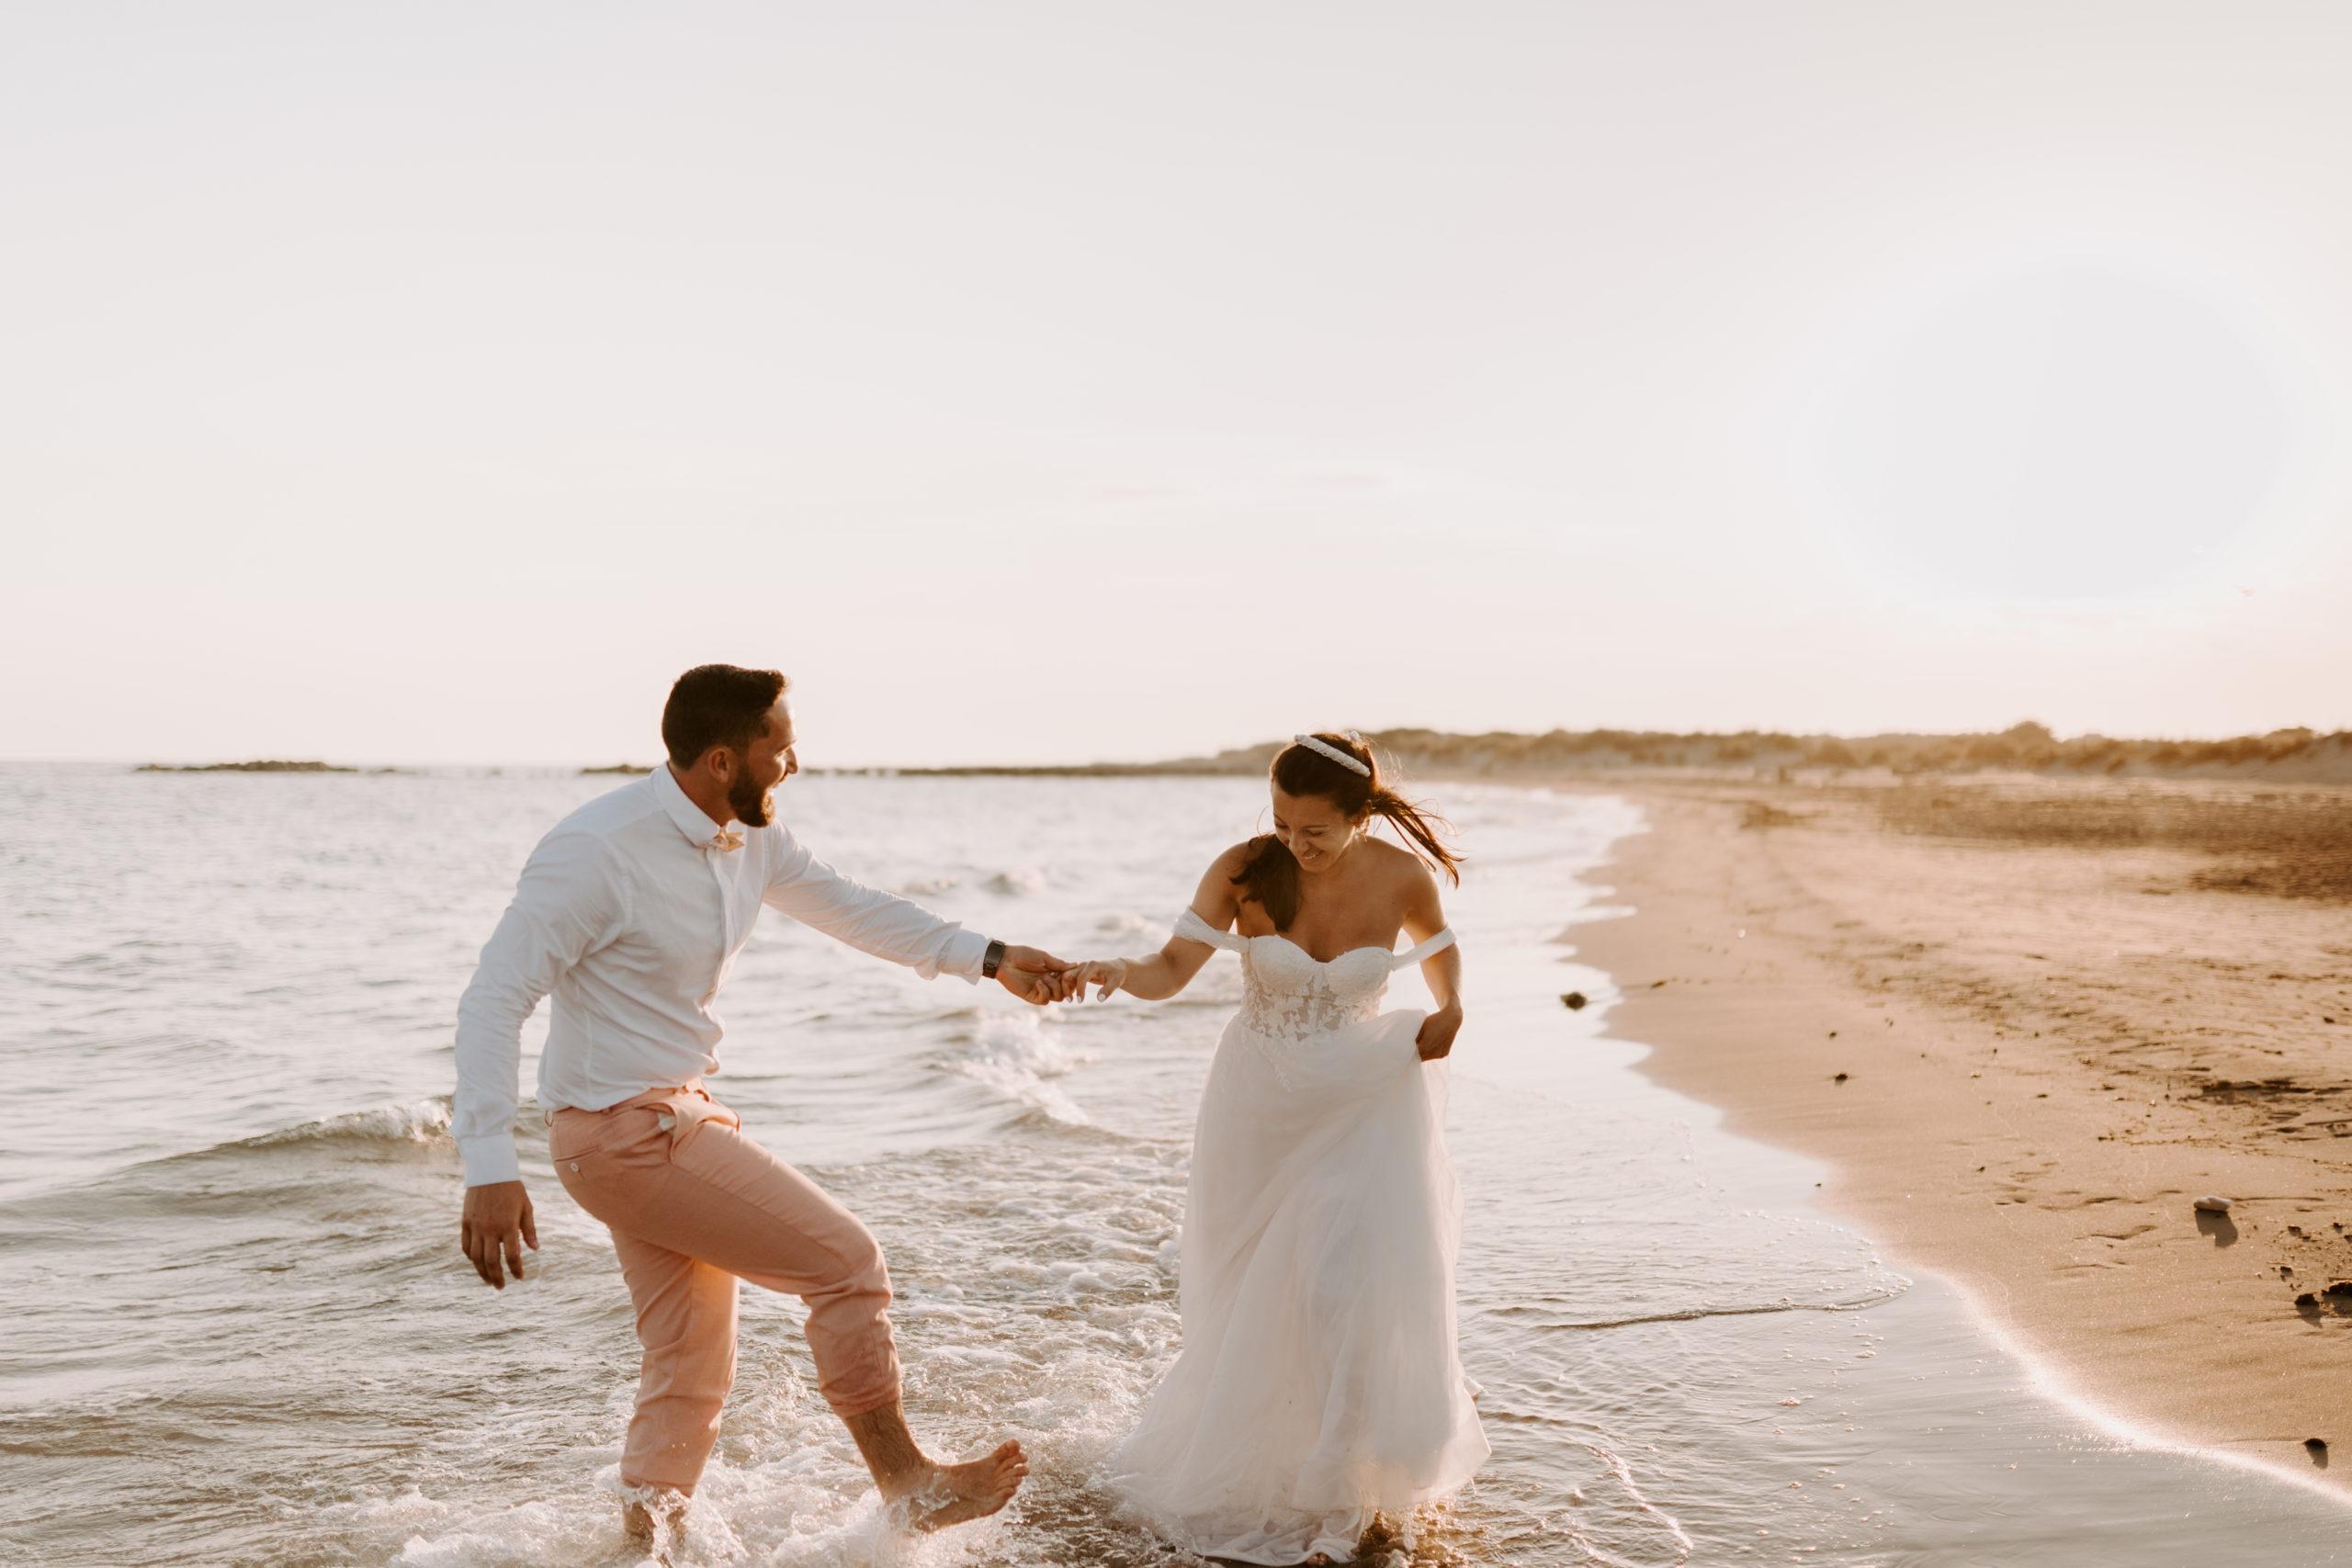 elopement claire et gaetan - les moments m wedding planner lyon